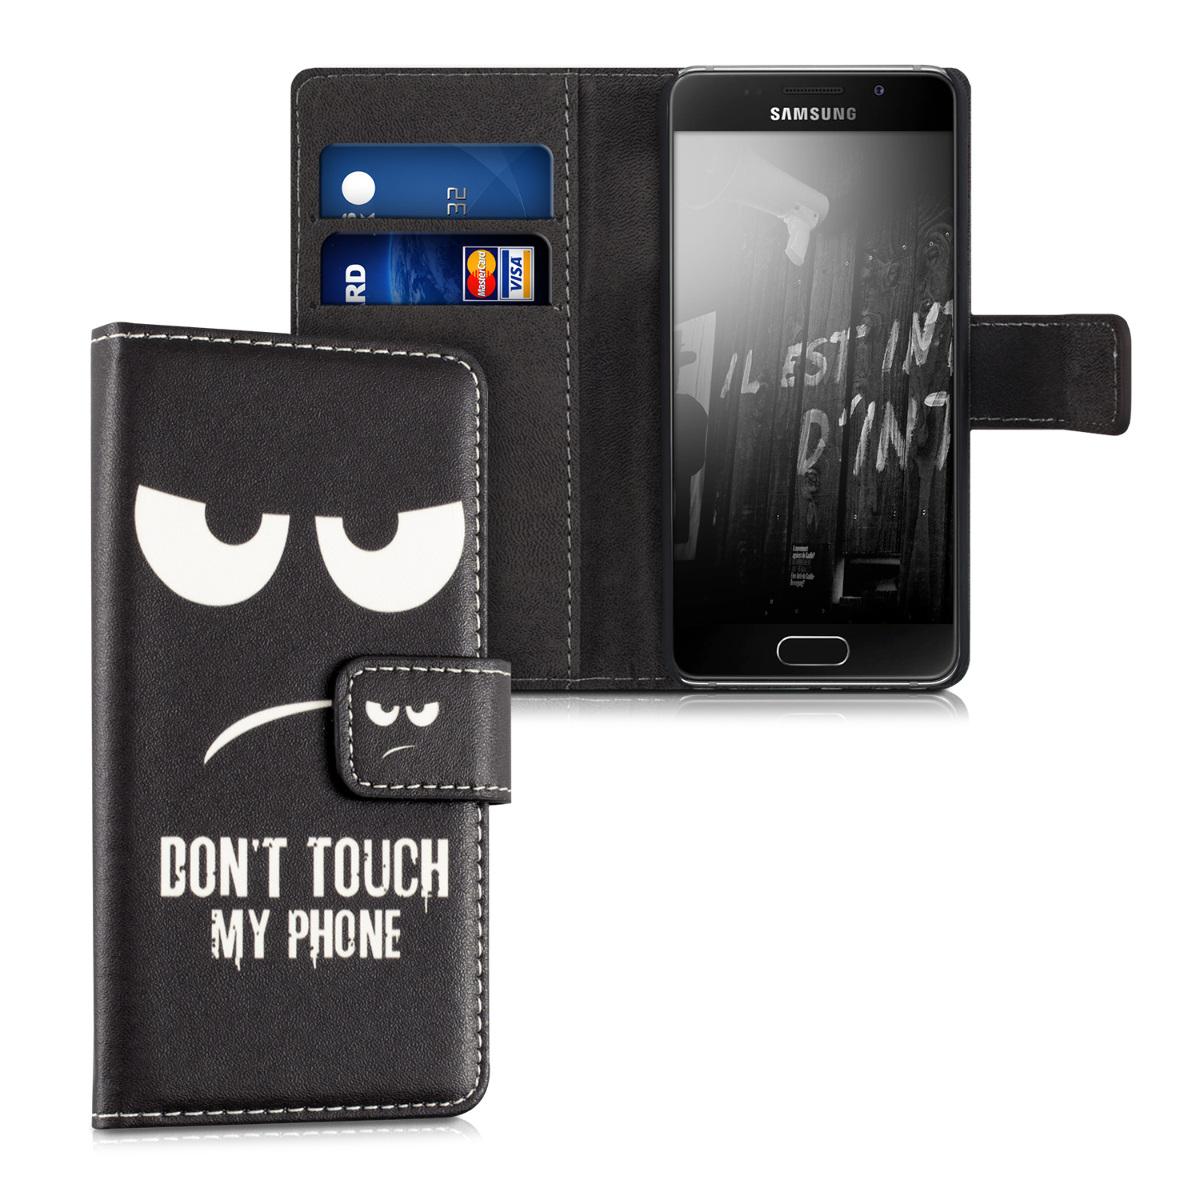 Kožené pouzdro pro Samsung A3 (2016) - Nedotýkejte My Phone bílé / černé